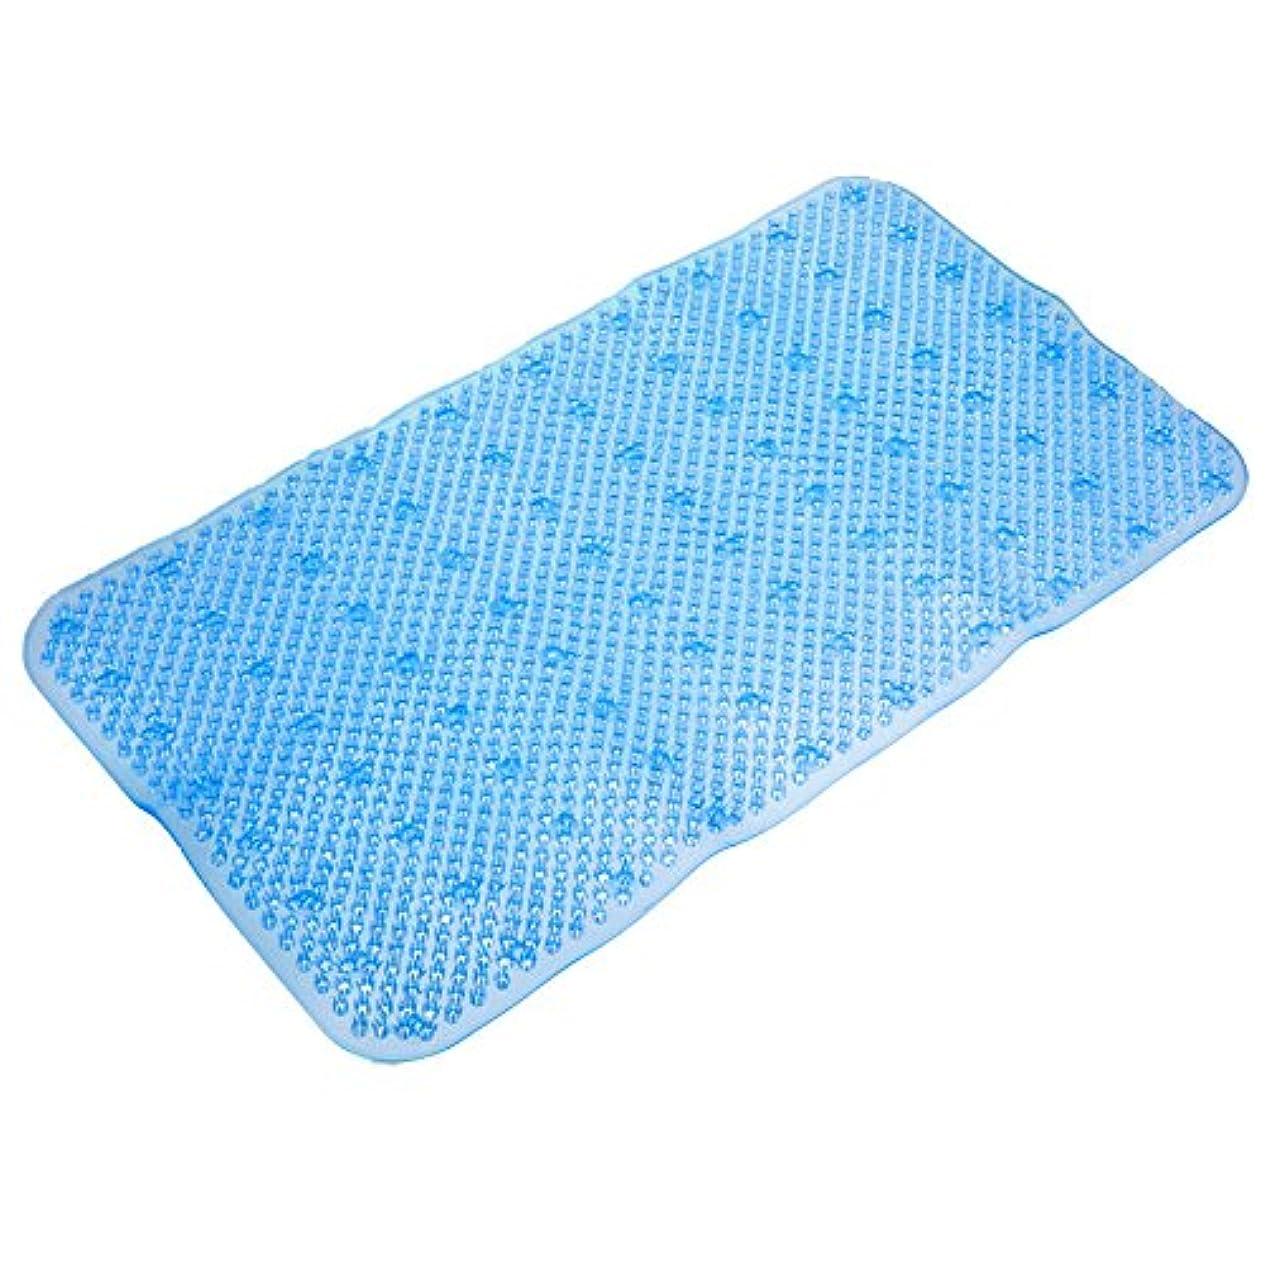 安いです滑り台作動する便利な pvc 34 × 64 センチ非スリップ風呂浴室シャワー トイレ アンチスリップフロアマット吸引吸盤パッド足マッサージ の敷物5色-青い